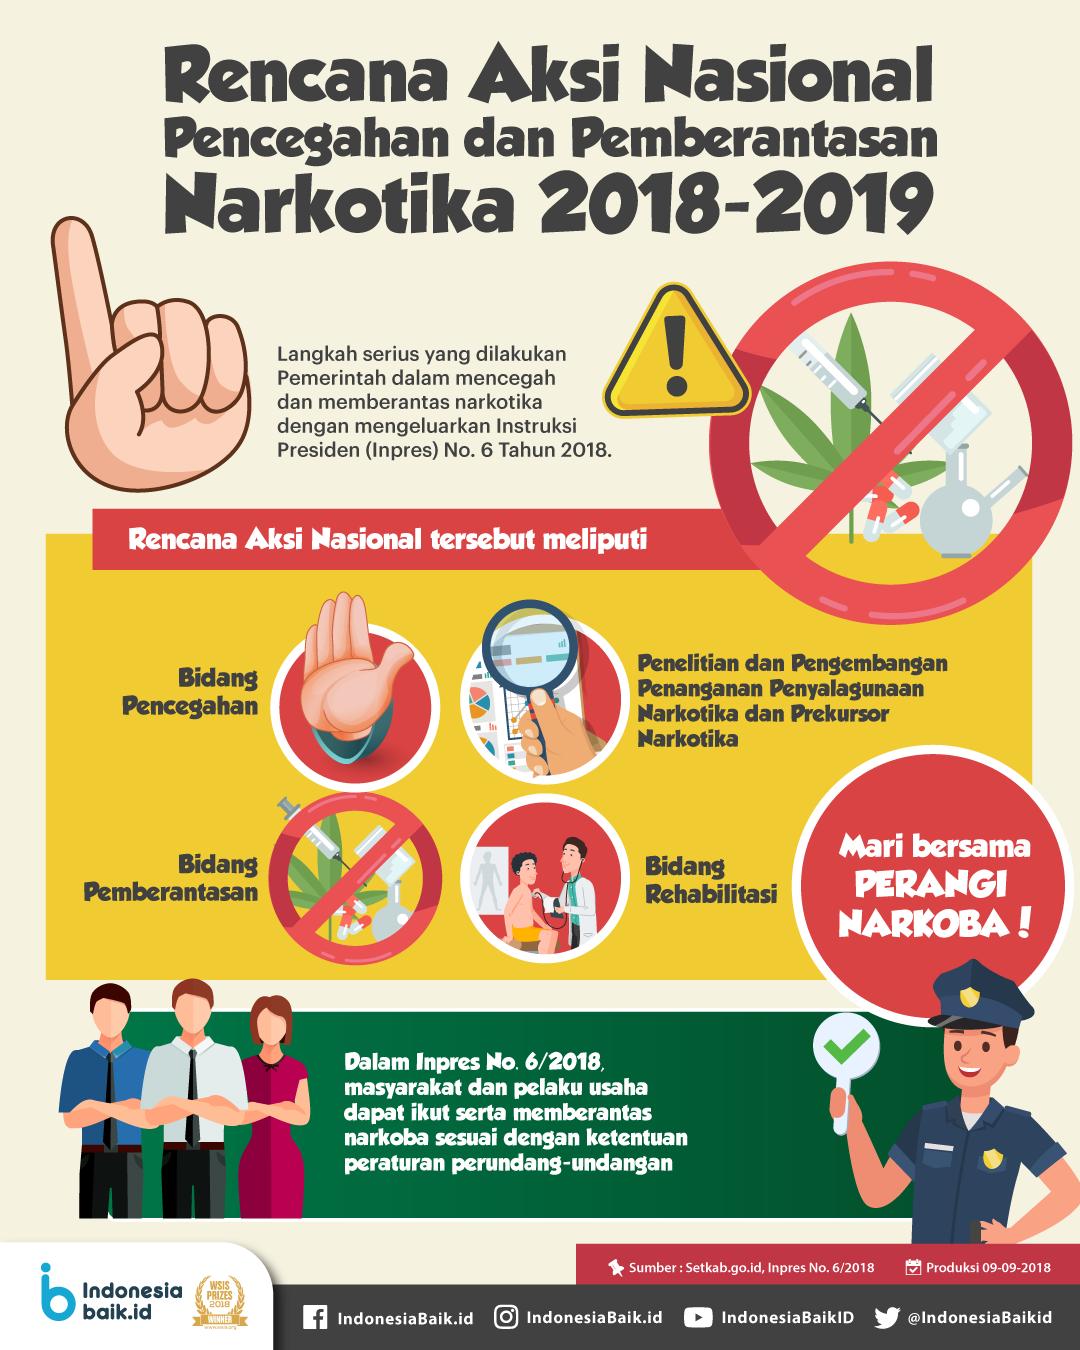 Rencana Aksi Nasional: Pencegahan dan Pemberantasan Narkotika 2018-2019